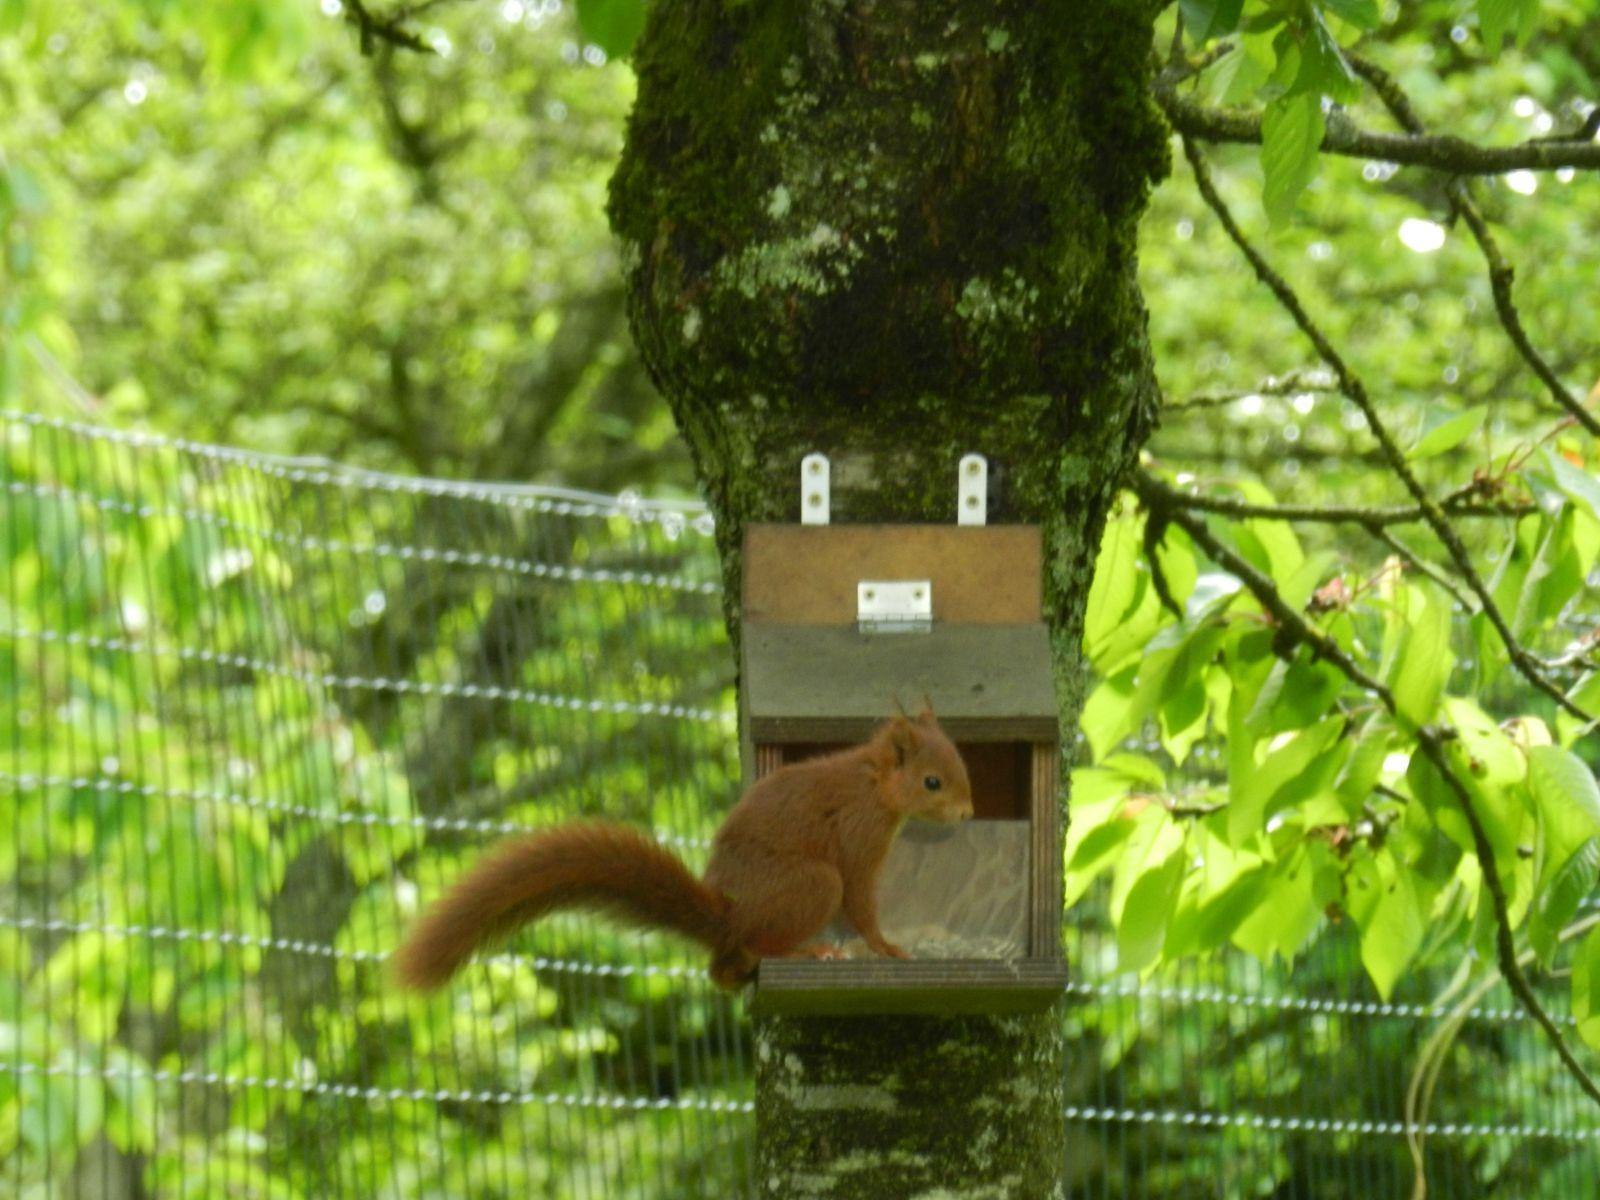 Rencontre avec nos amis les écureuils......